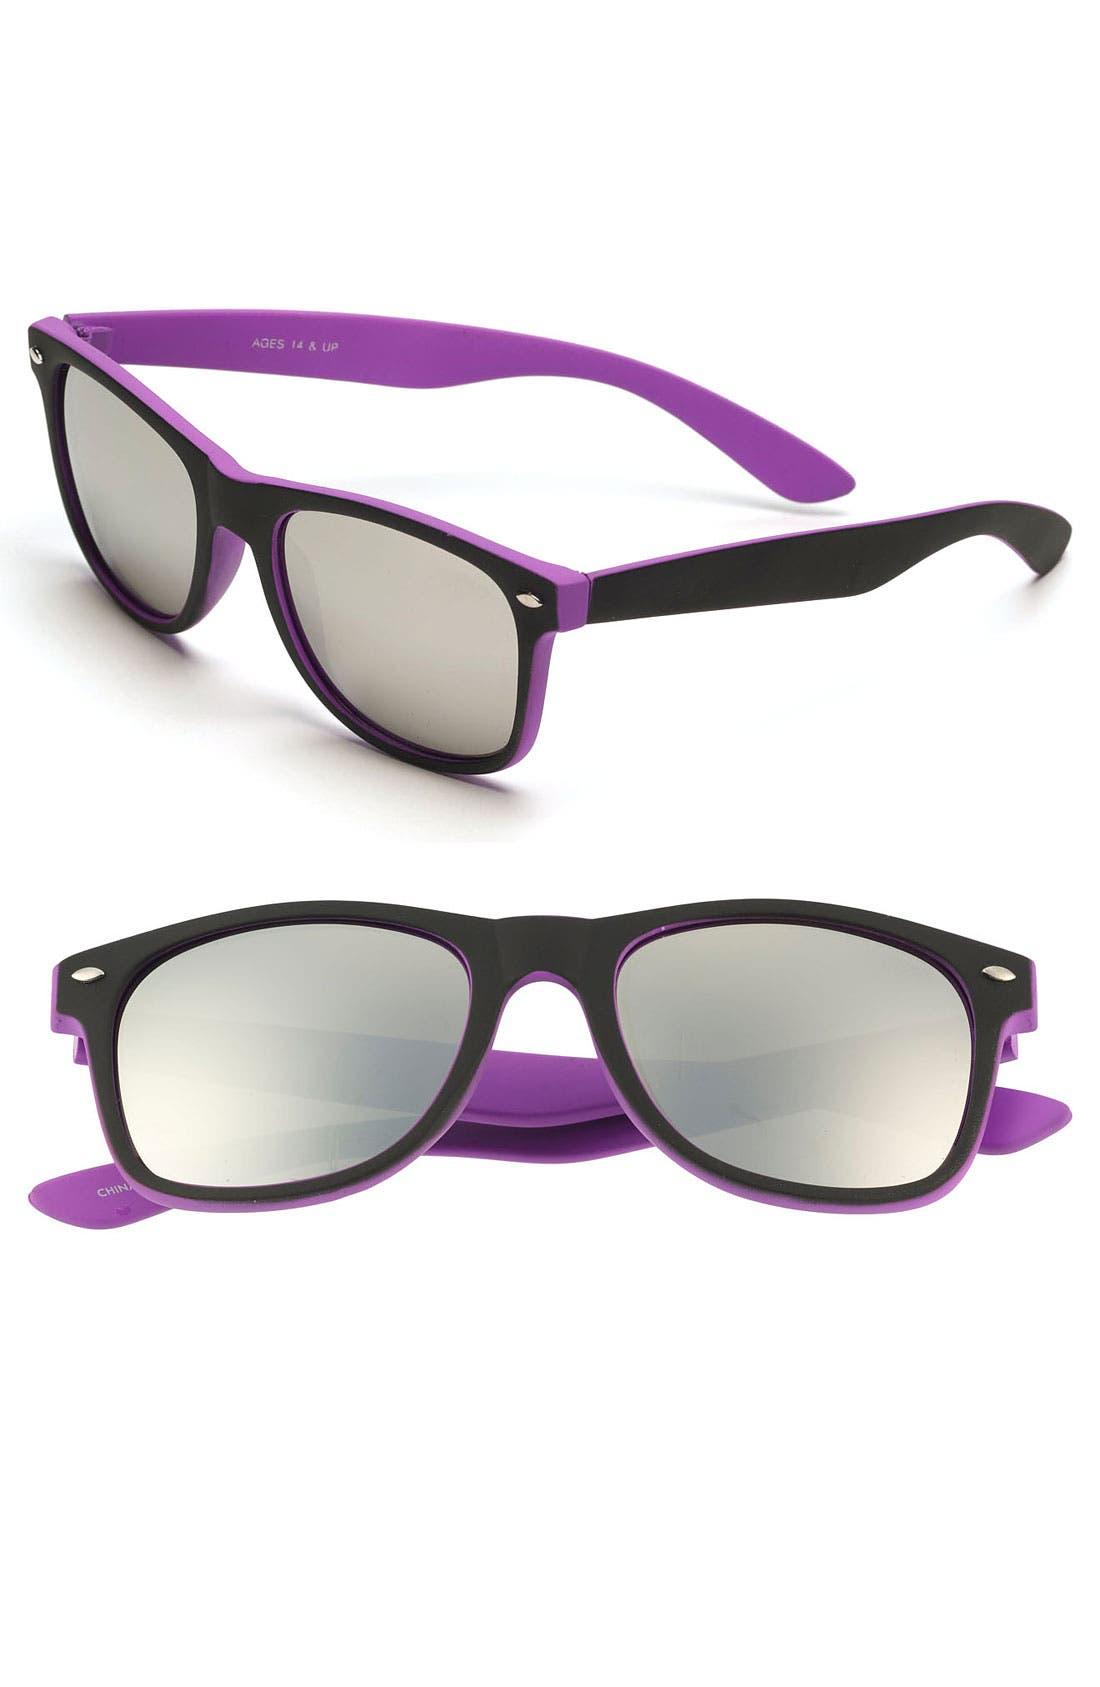 Main Image - FE NY 'Bystander' Sunglasses